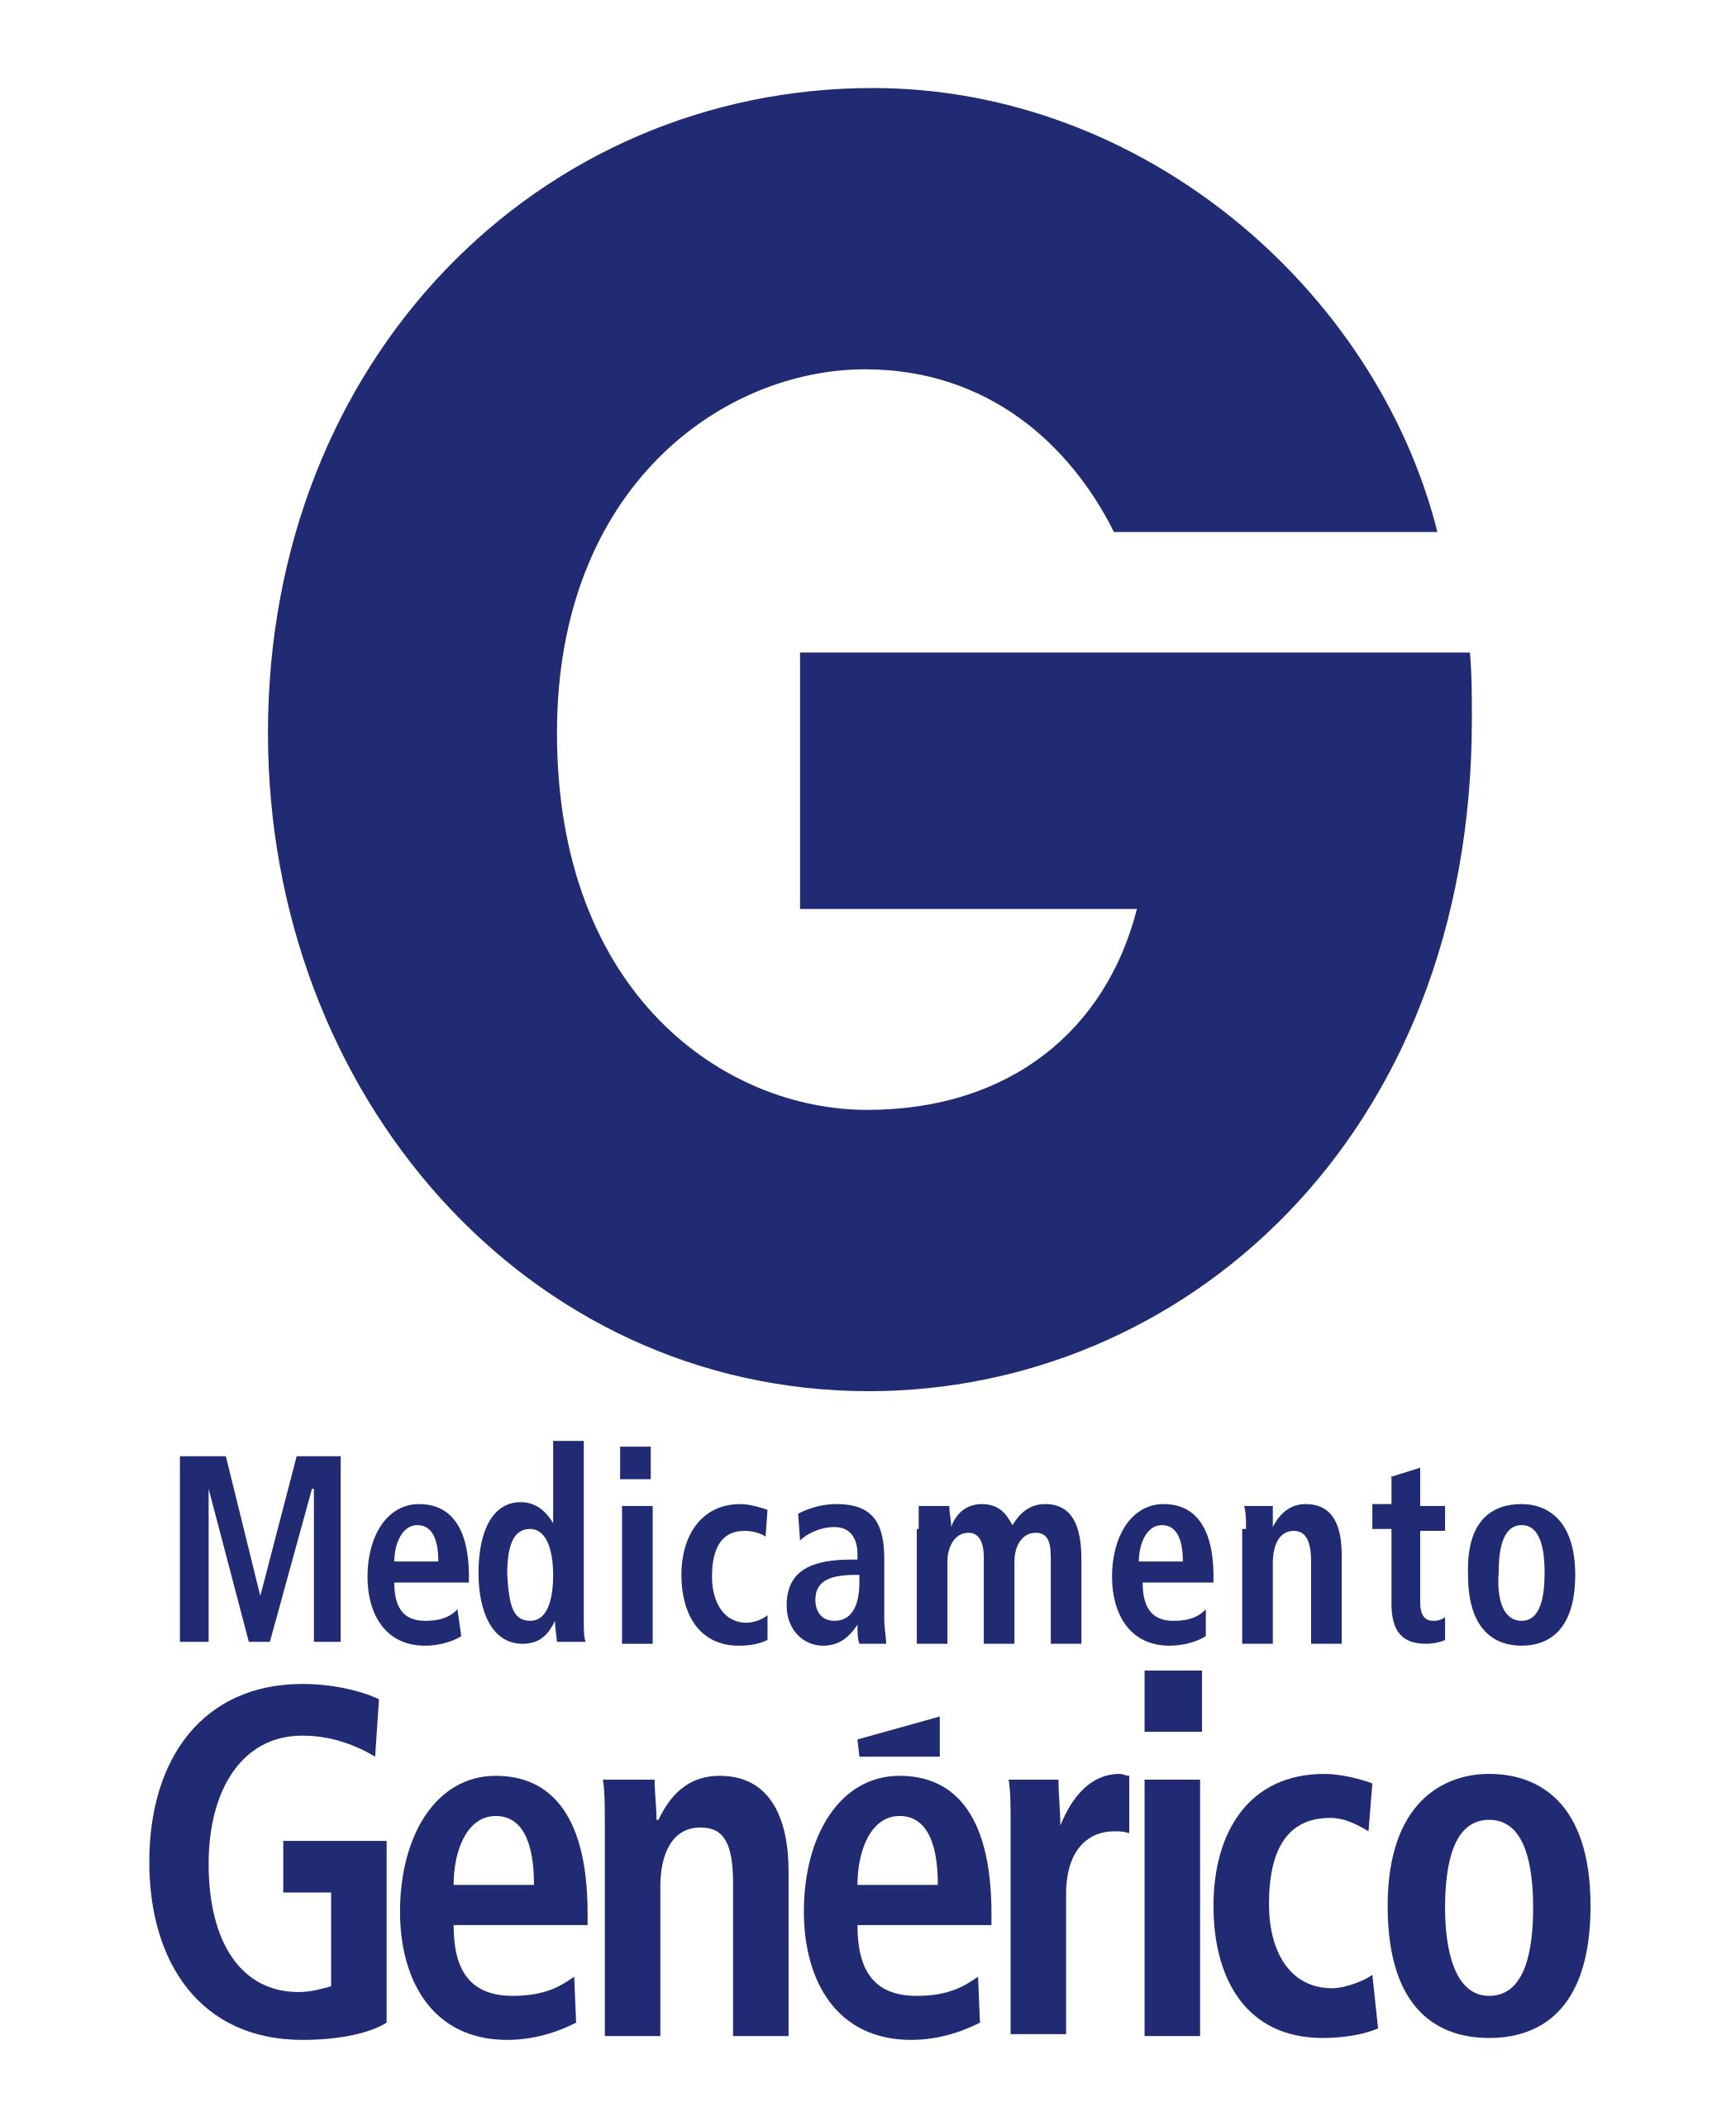 medicamento generico logo 5 1 - Genérico Logo - Medicamento Genérico Logo